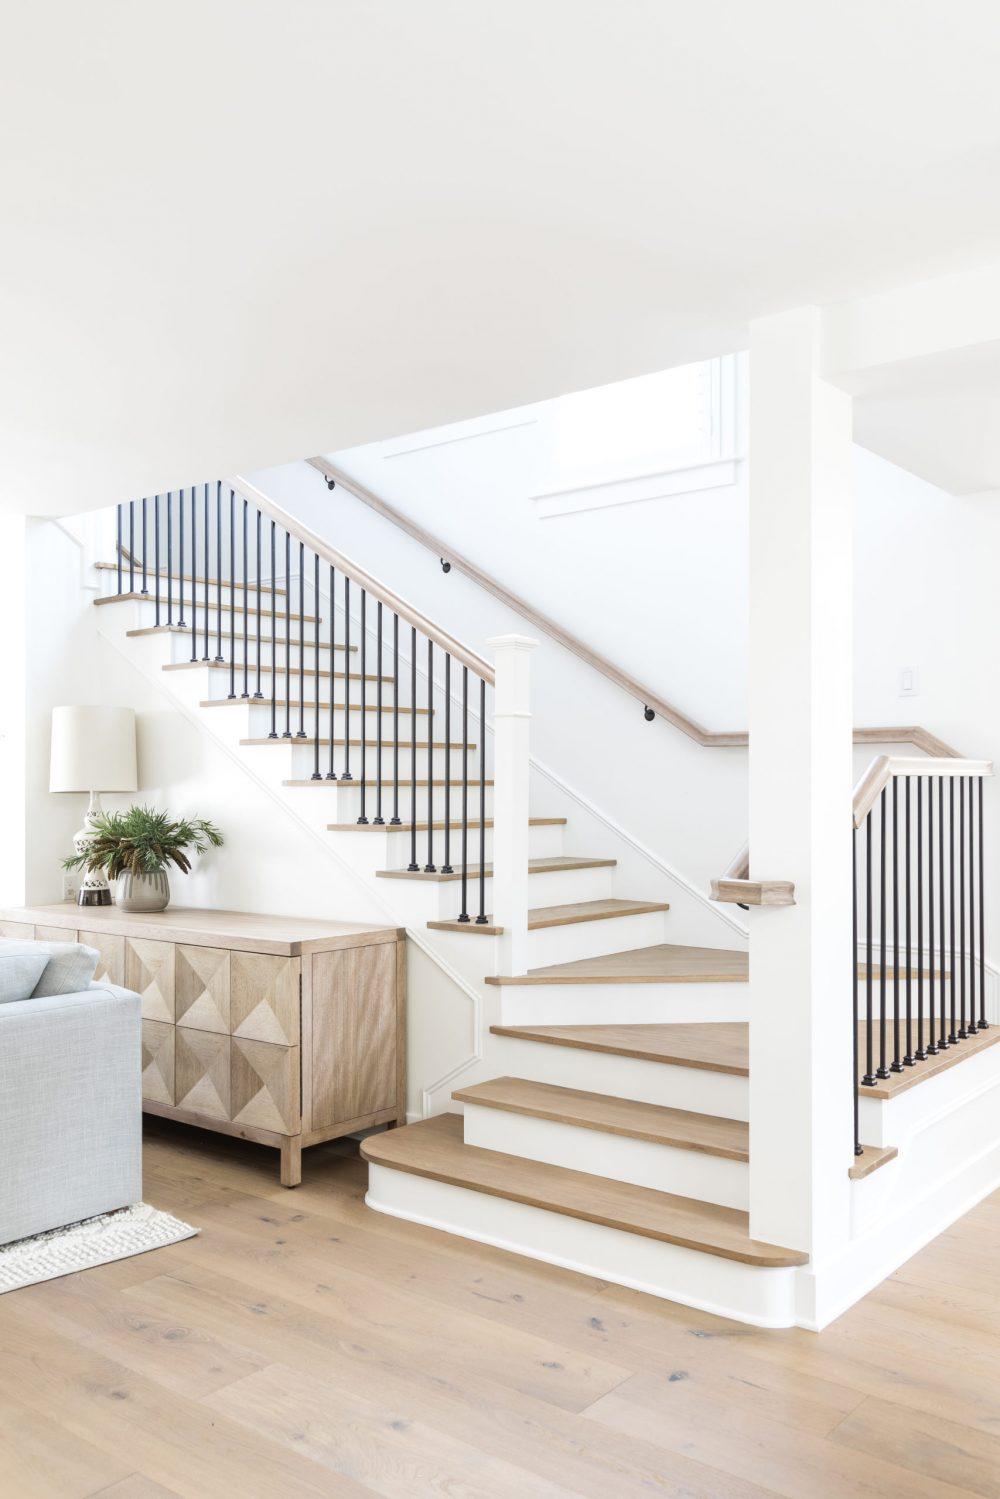 Cầu thang gỗ mang lại vẻ sang trọng, cao cấp cho ngôi nhà